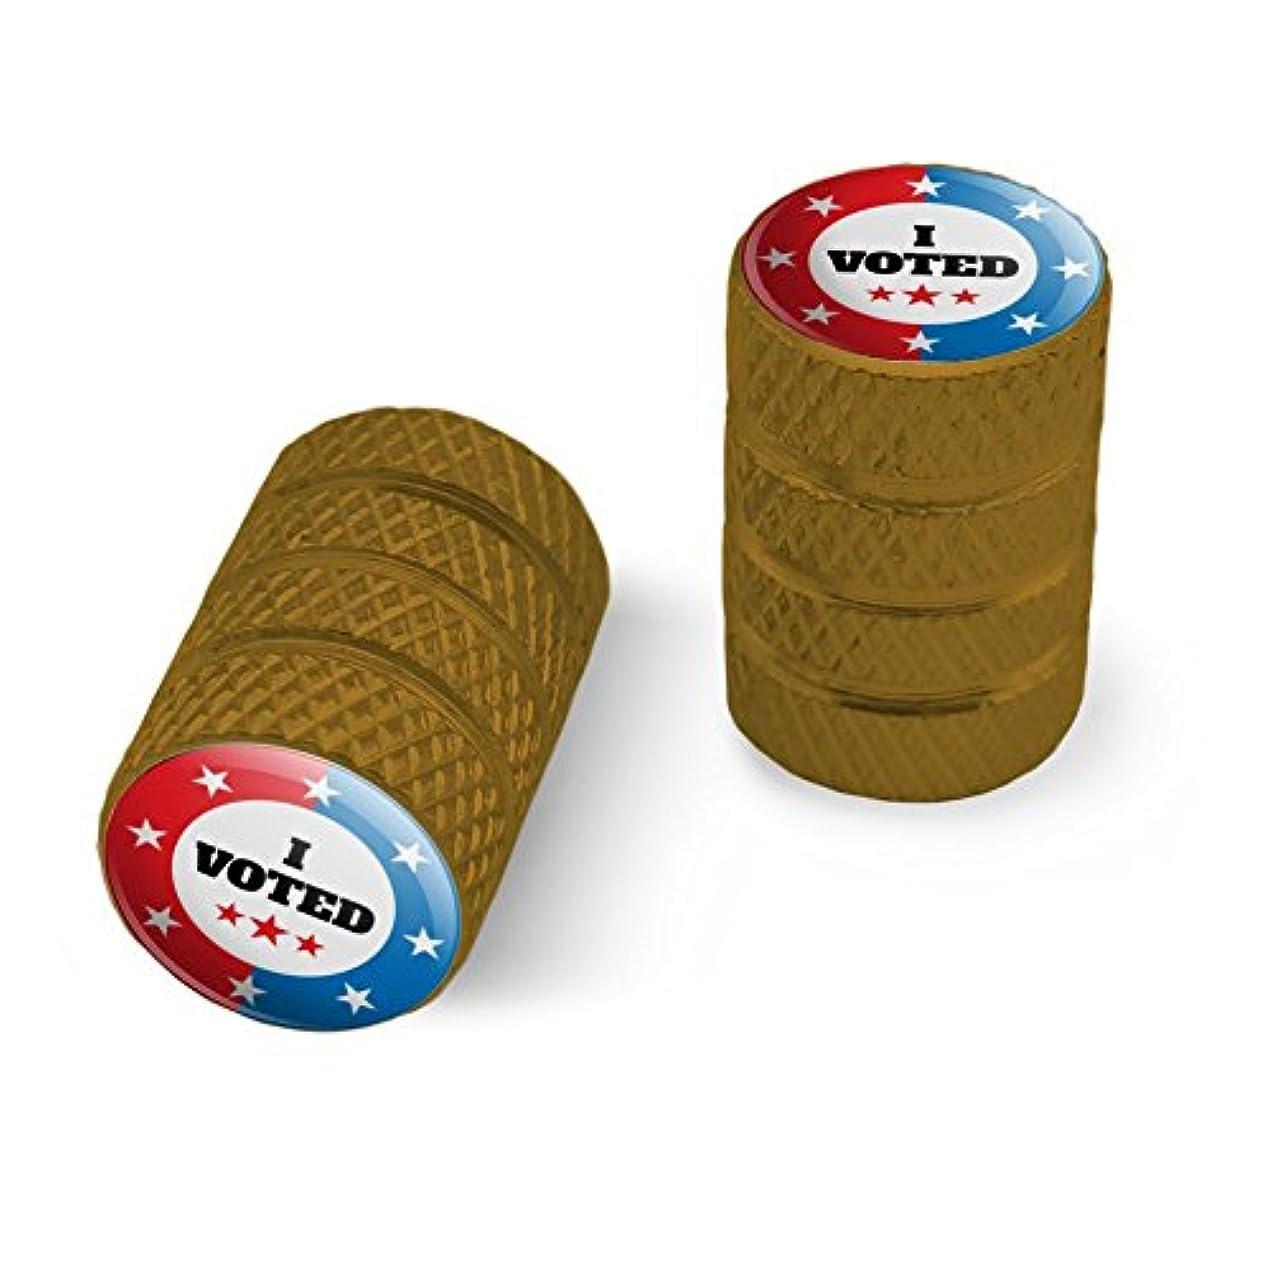 トレイルきらめく誓い私は赤い白青愛国に投票しましたオートバイ自転車バイクタイヤリムホイールアルミバルブステムキャップ - ゴールド